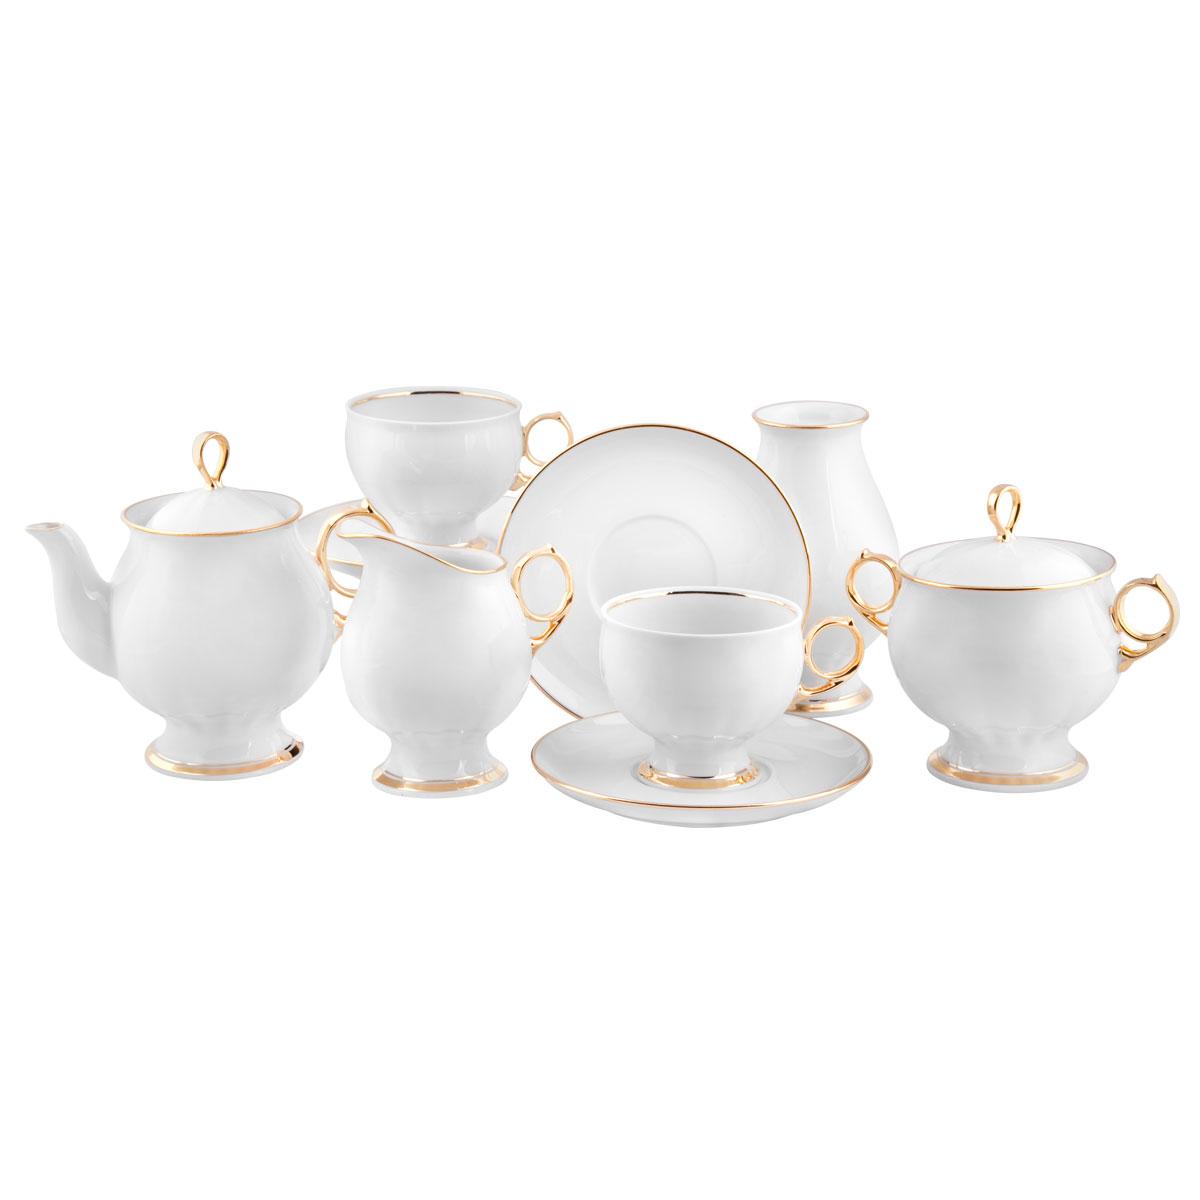 Сервиз чайный Башфарфор Золотая ручка, 16 предметов alex игровой набор посуды чайный сервиз весна 16 предметов